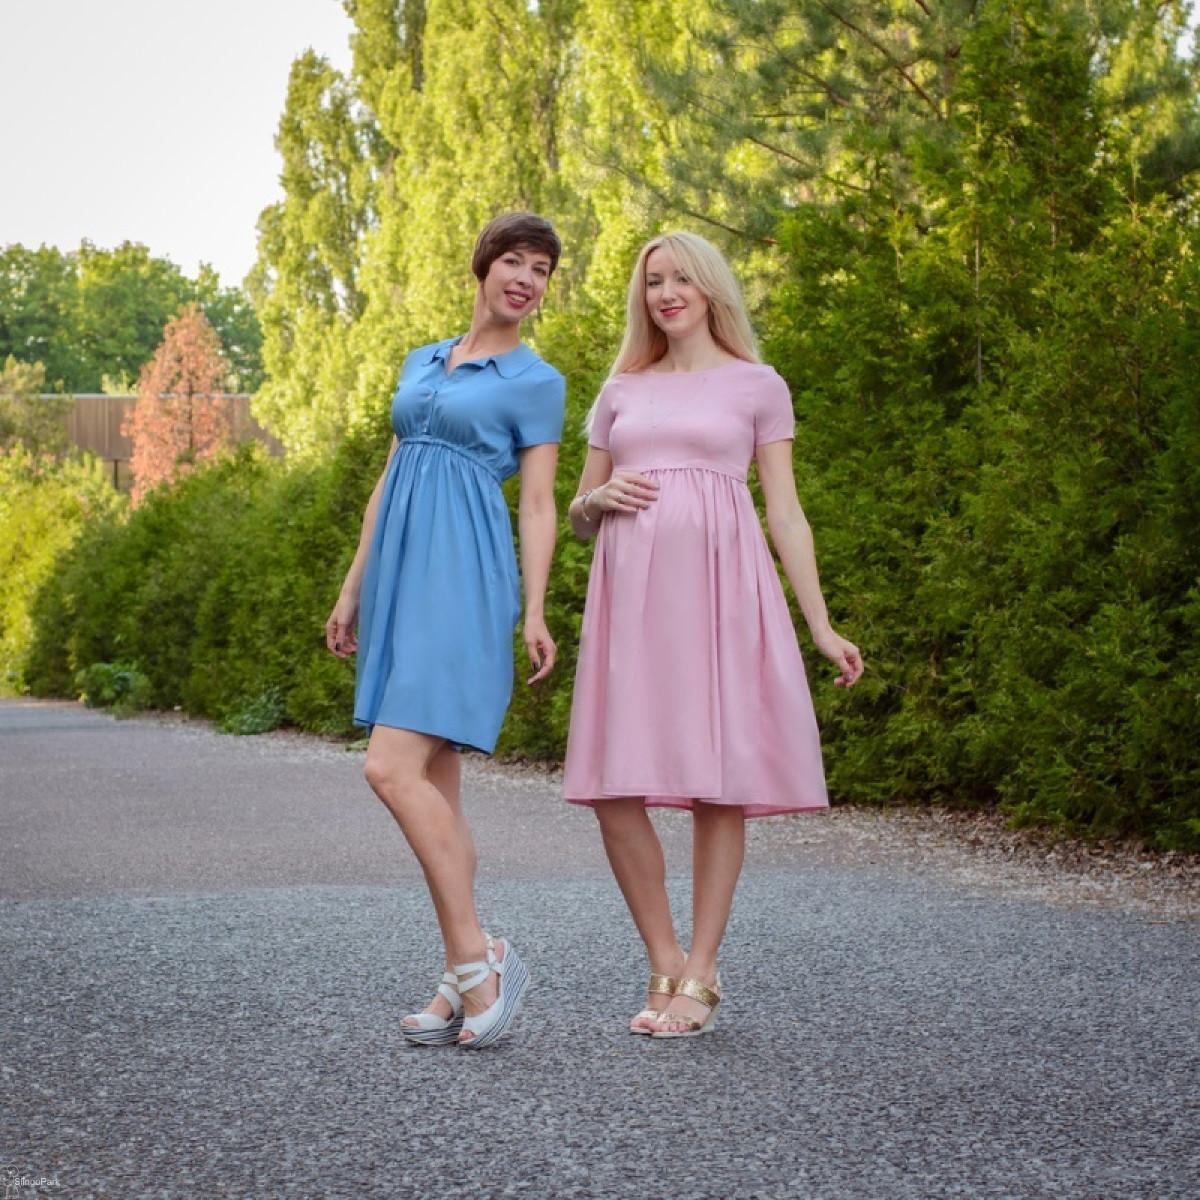 Платье летнее с завышенной талией для беременных и кормящих мам HIGH HEELS MOM (синий, размер S/M)